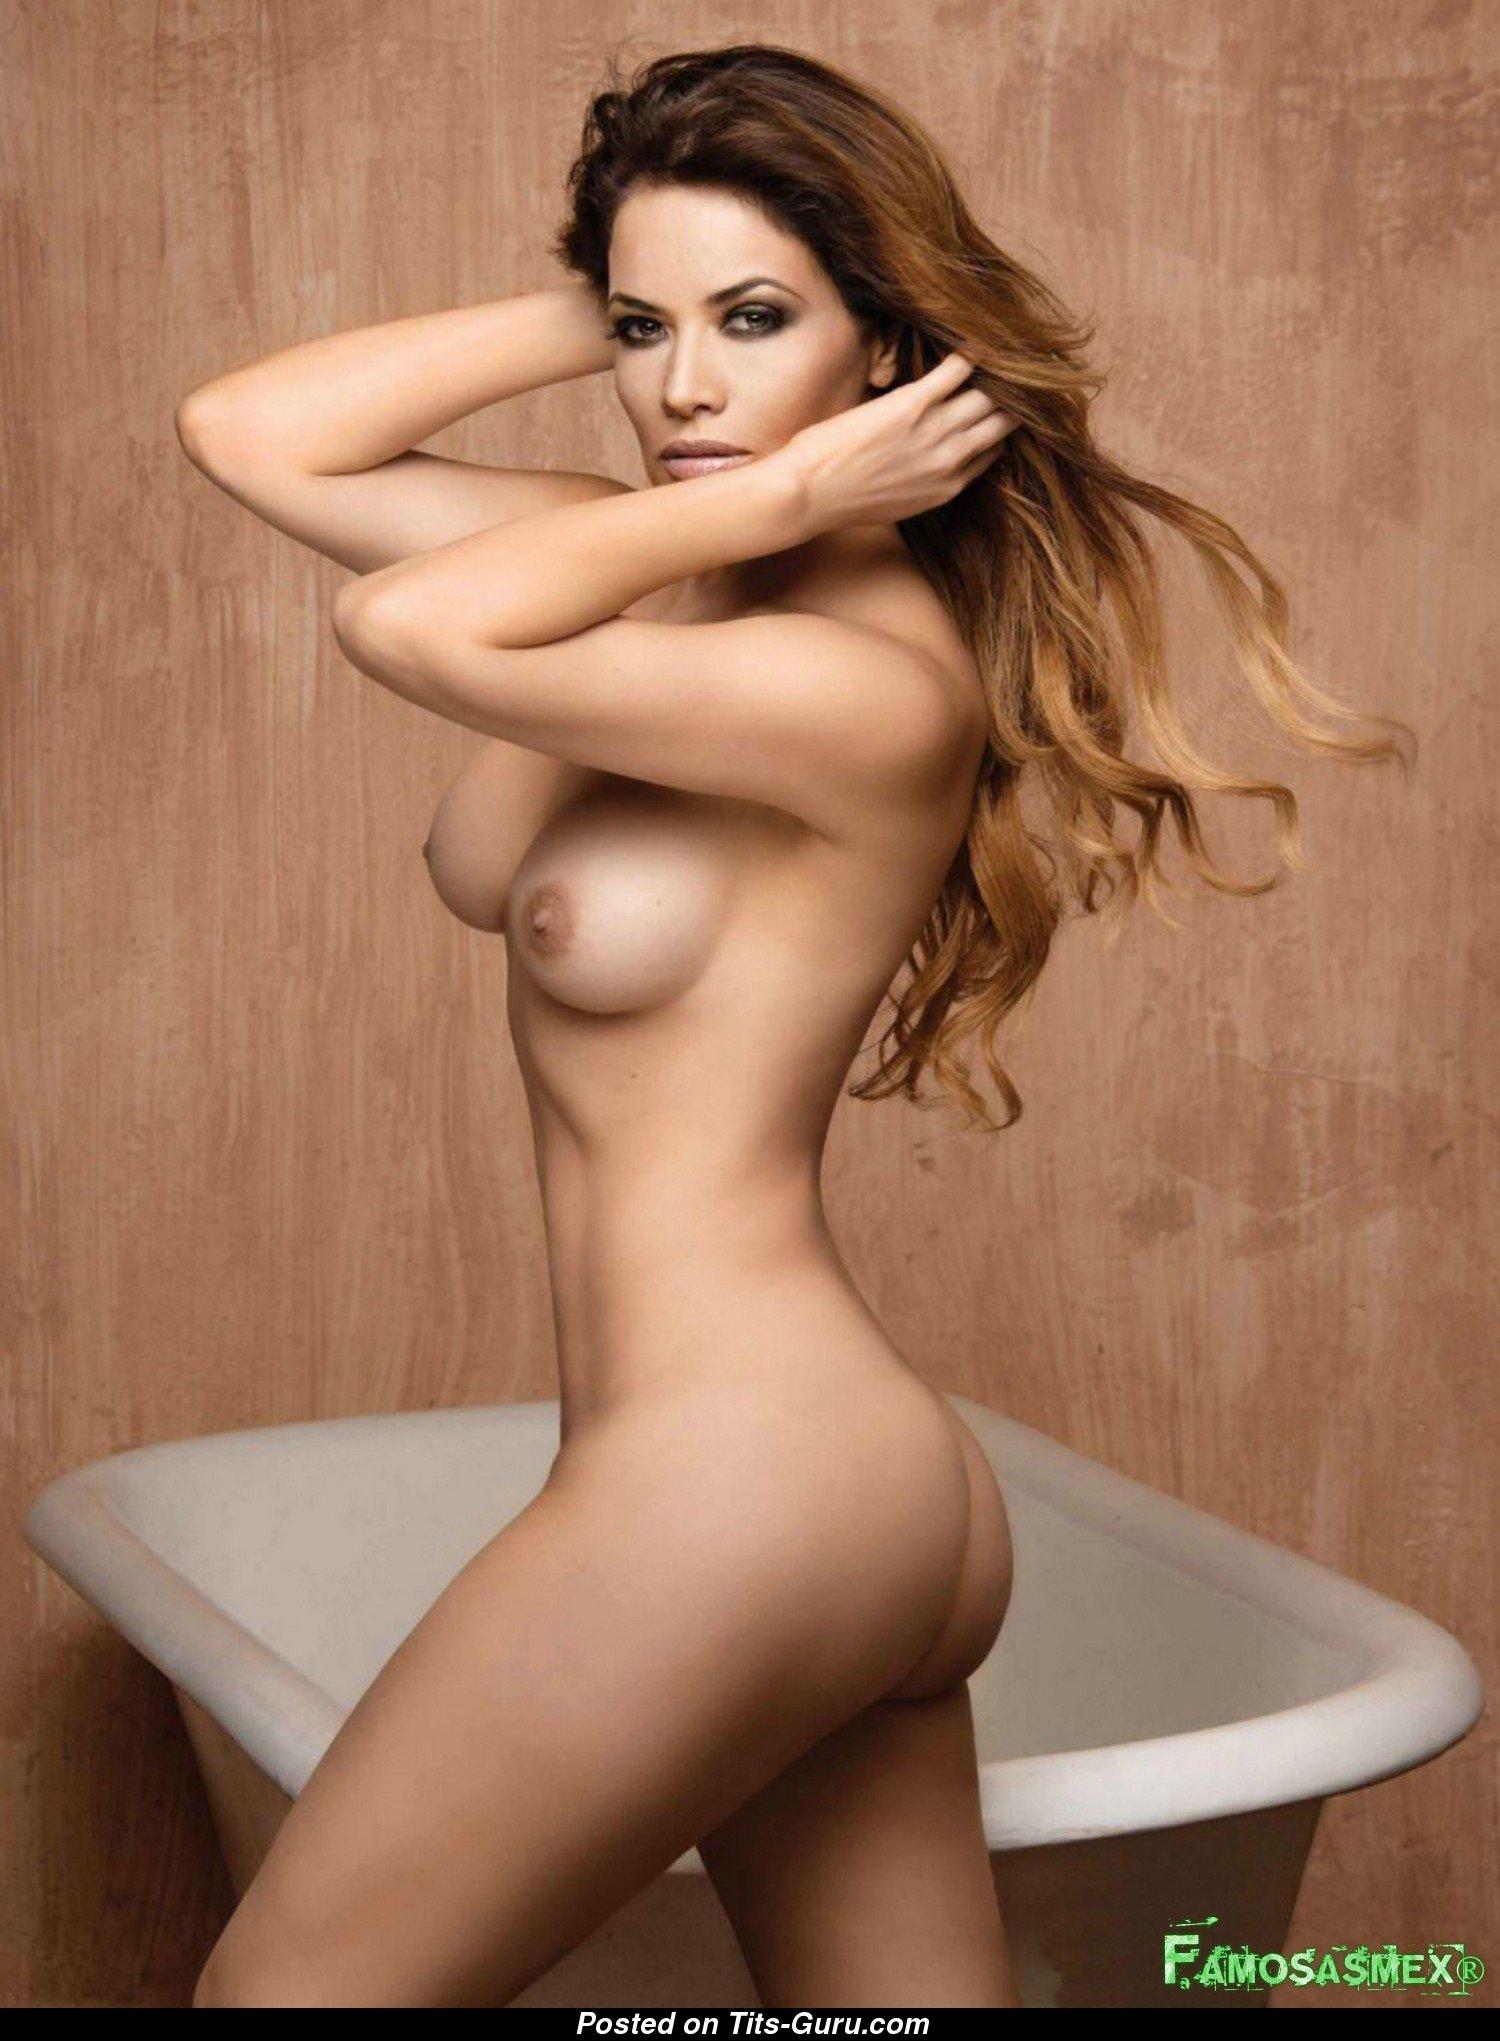 Paparazzi Sex Lili Brillanti naked photo 2017